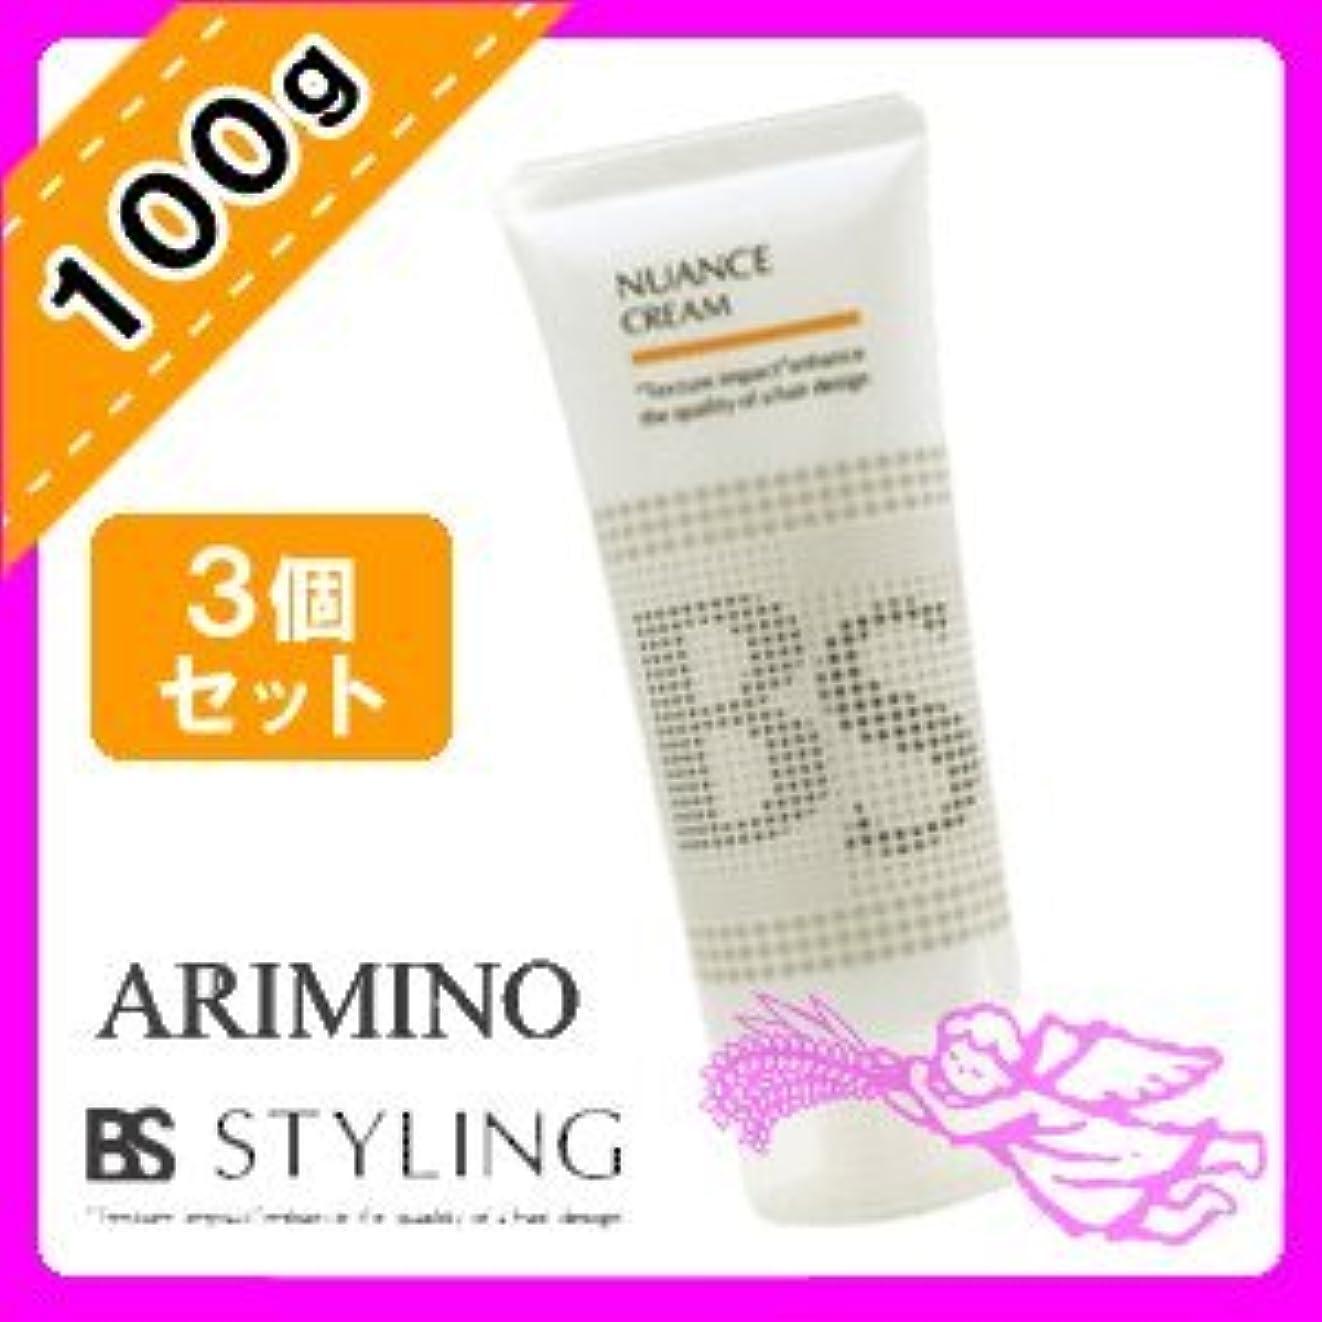 徹底反発損失アリミノ BSスタイリング ニュアンス クリーム 100g x 3個 セット arimino BS STYLING